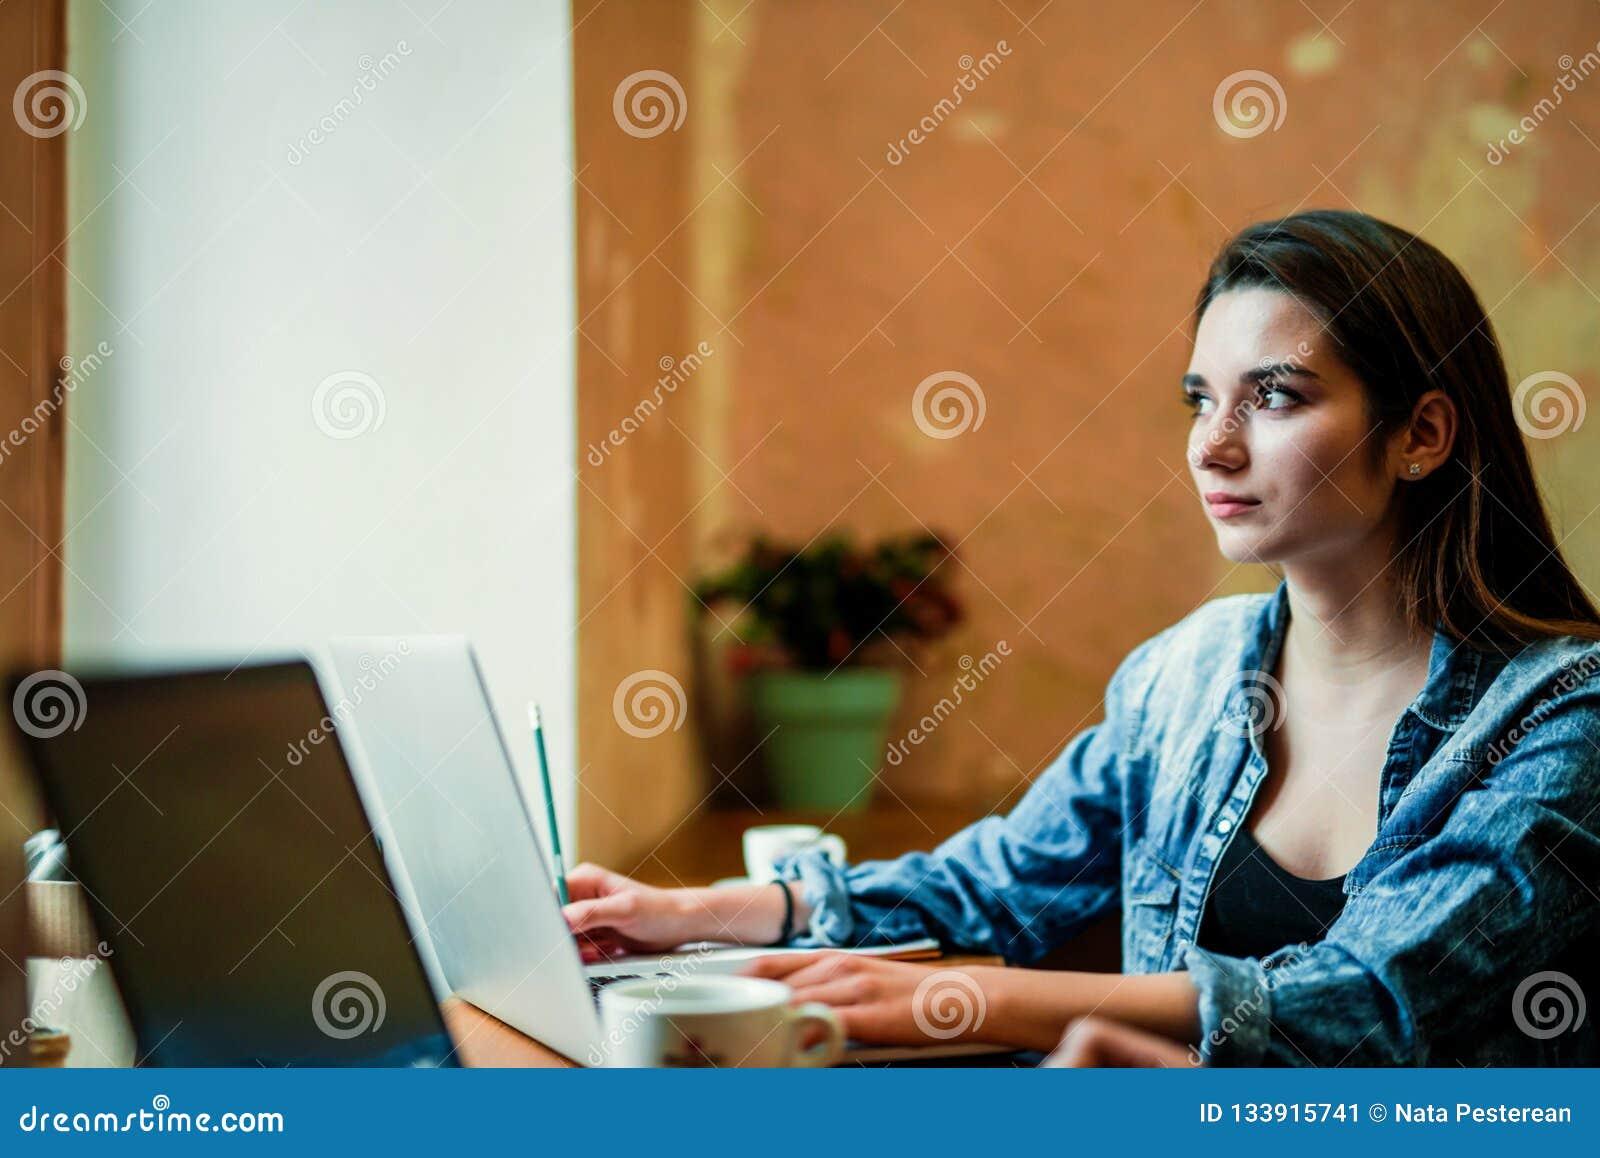 La giovane studentessa si siede vicino alla finestra con il computer portatile ed allo sguardo attraverso la finestra